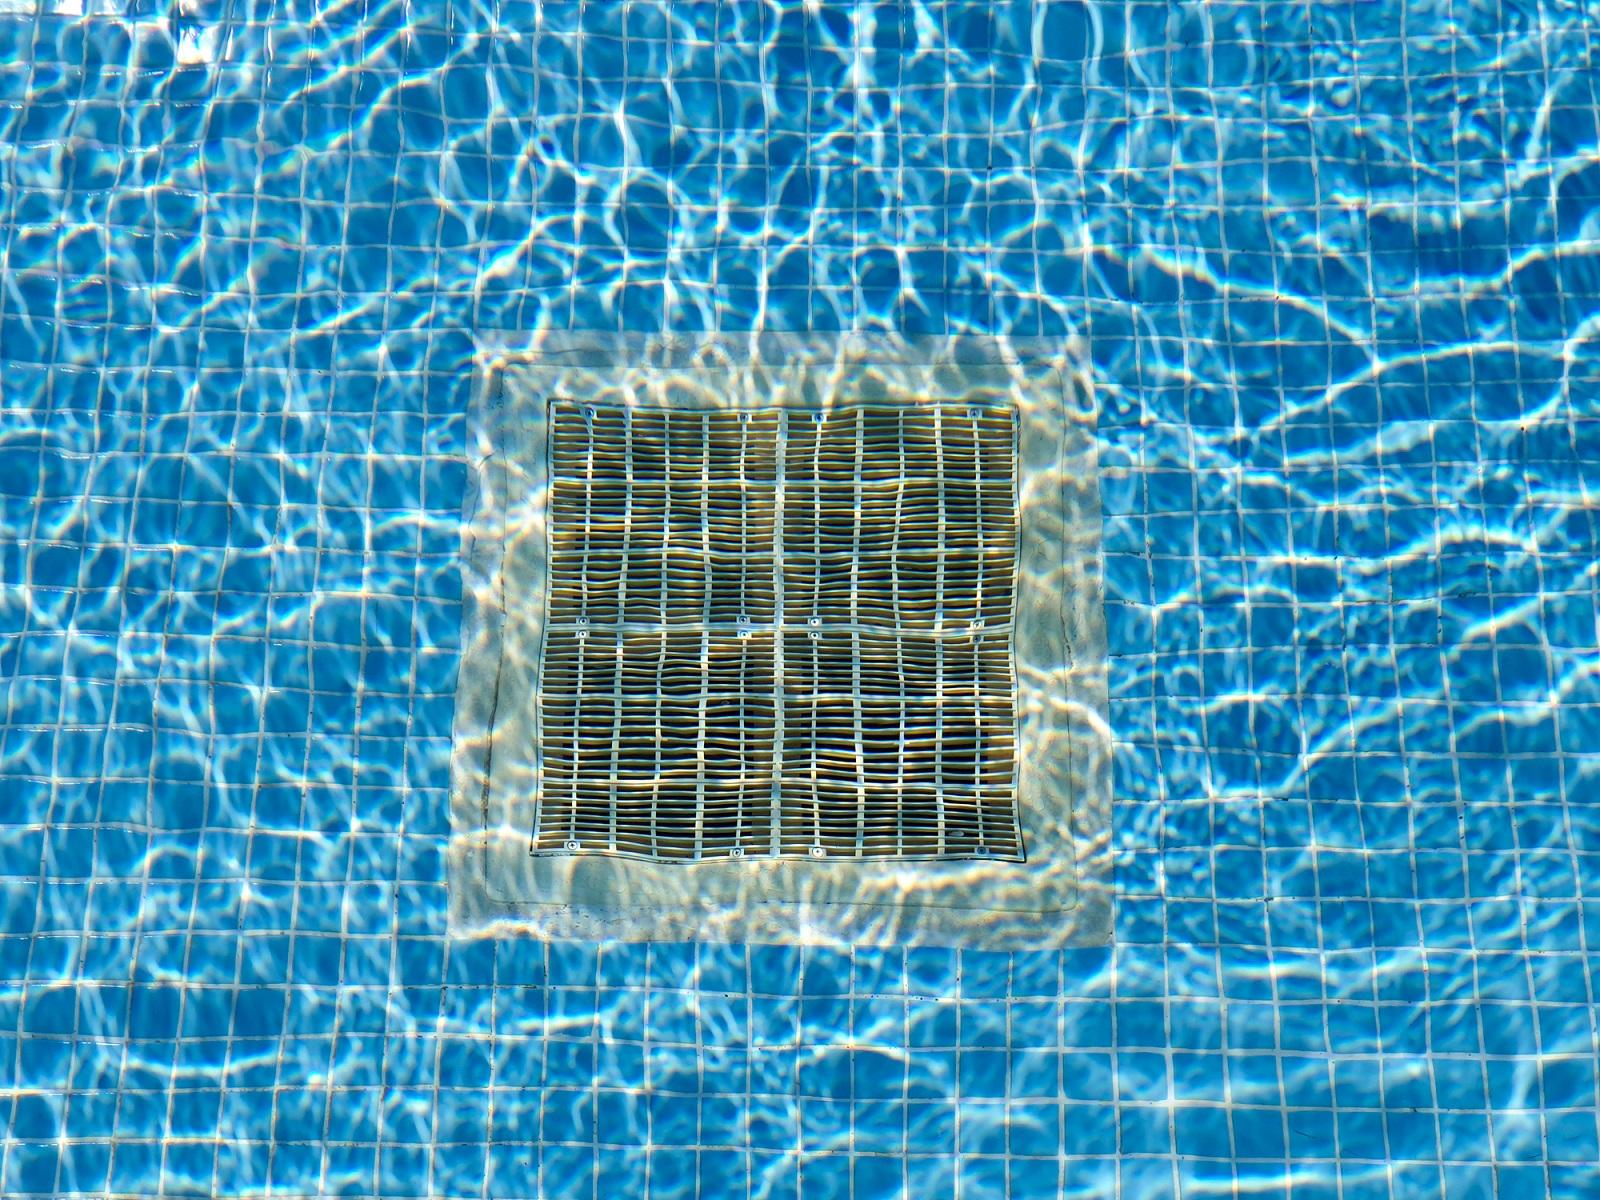 urządzenia to basenowe centralne wentylacyjne